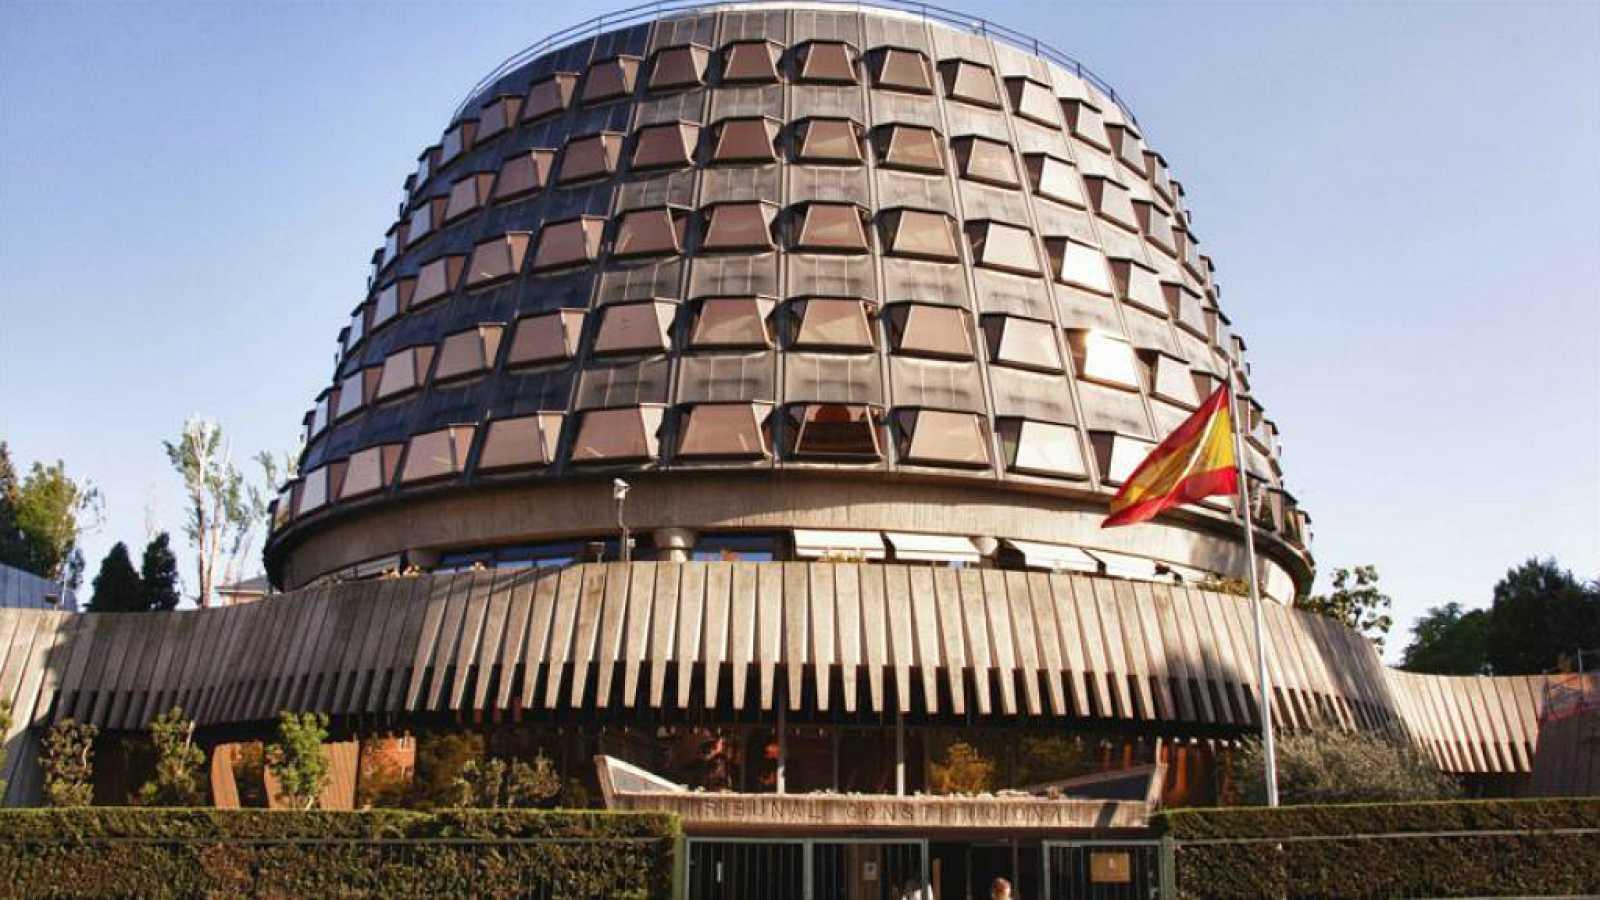 La ley es la ley - ¿Qué papel ha tenido el Tribunal Constitucional en el tema de la independencia de Cataluña? - 06/04/18 - Escuchar ahora